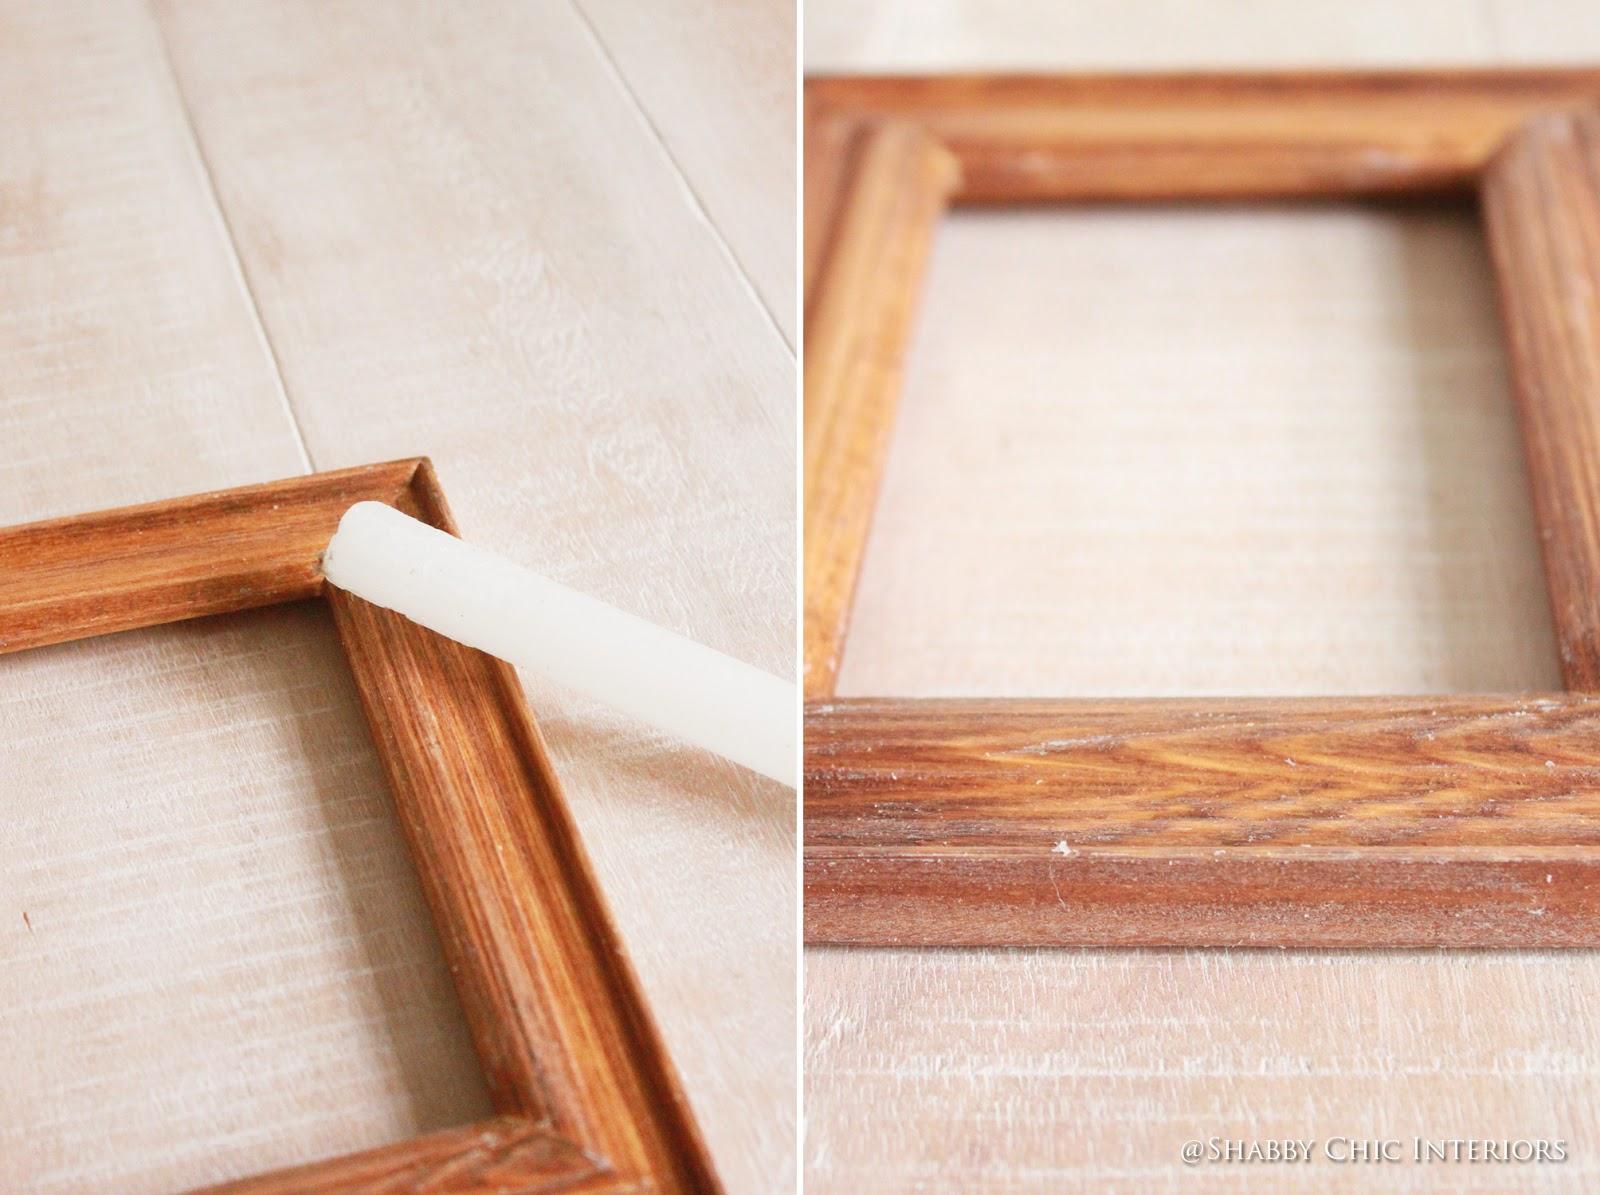 Lavorare Il Legno Grezzo : Come verniciare il legno grezzo